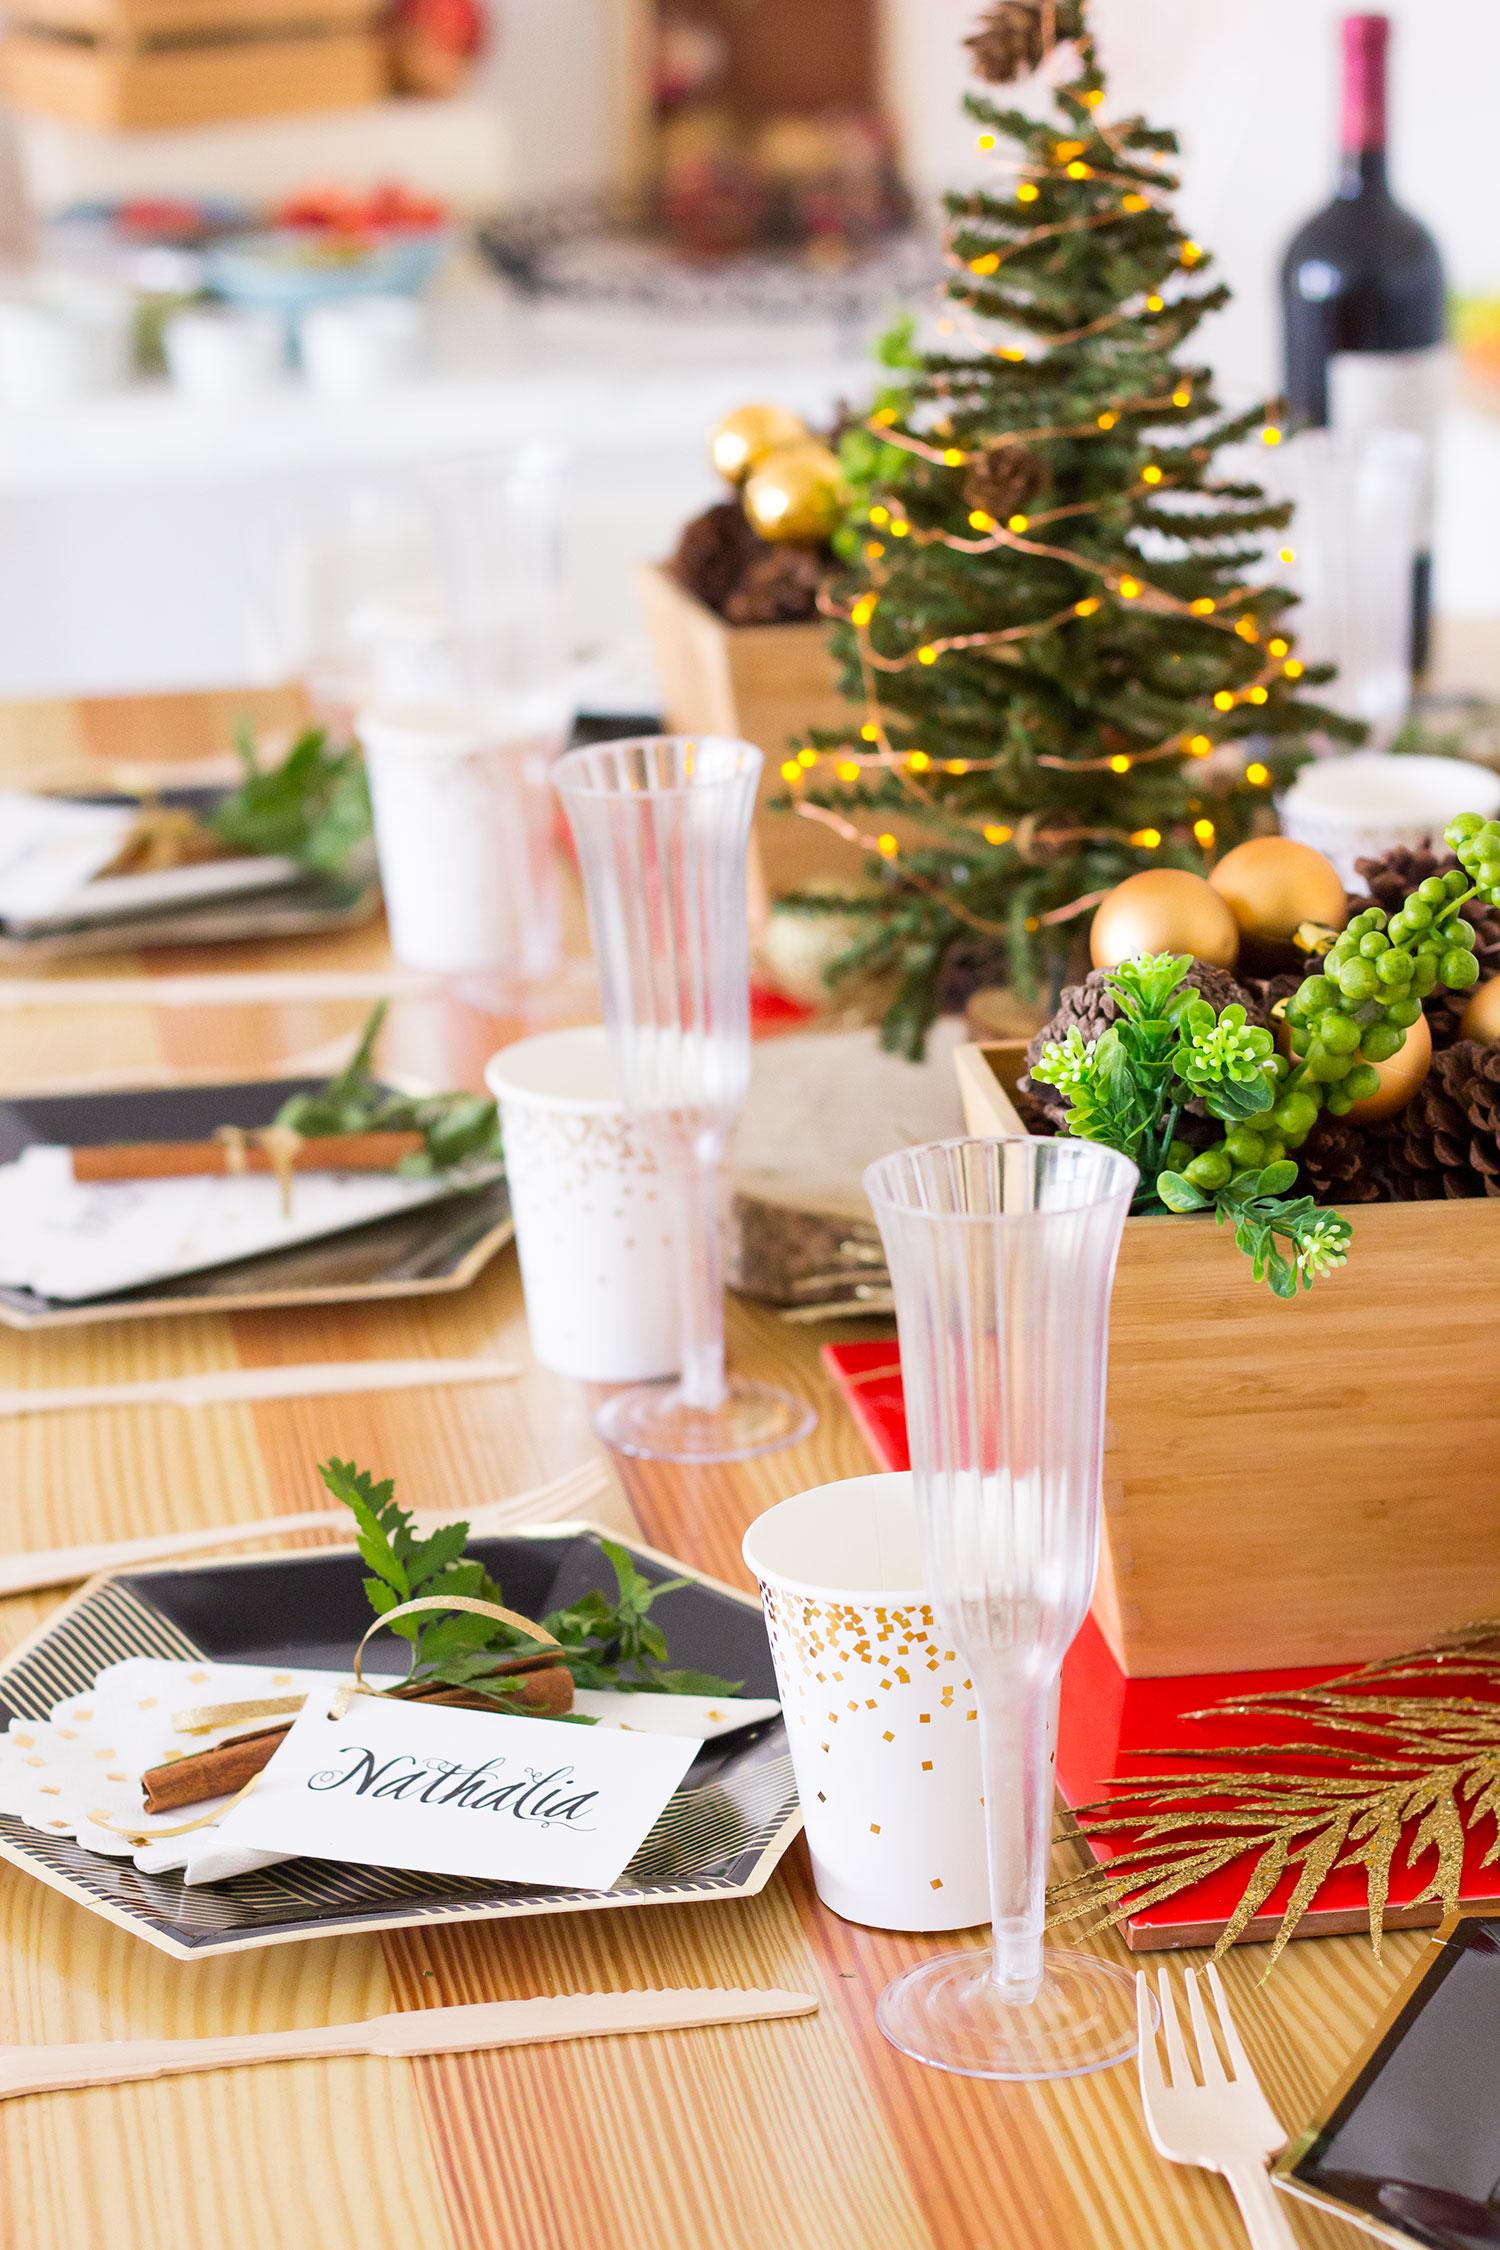 Como Decorar Una Mesa De Navidad Facil Y Adsequible // Nosotras organizamos nuestra mesa de navidad aquí en el estudio. ¡Te aseguro que fue super facil, sin estrés y muy adsequible!